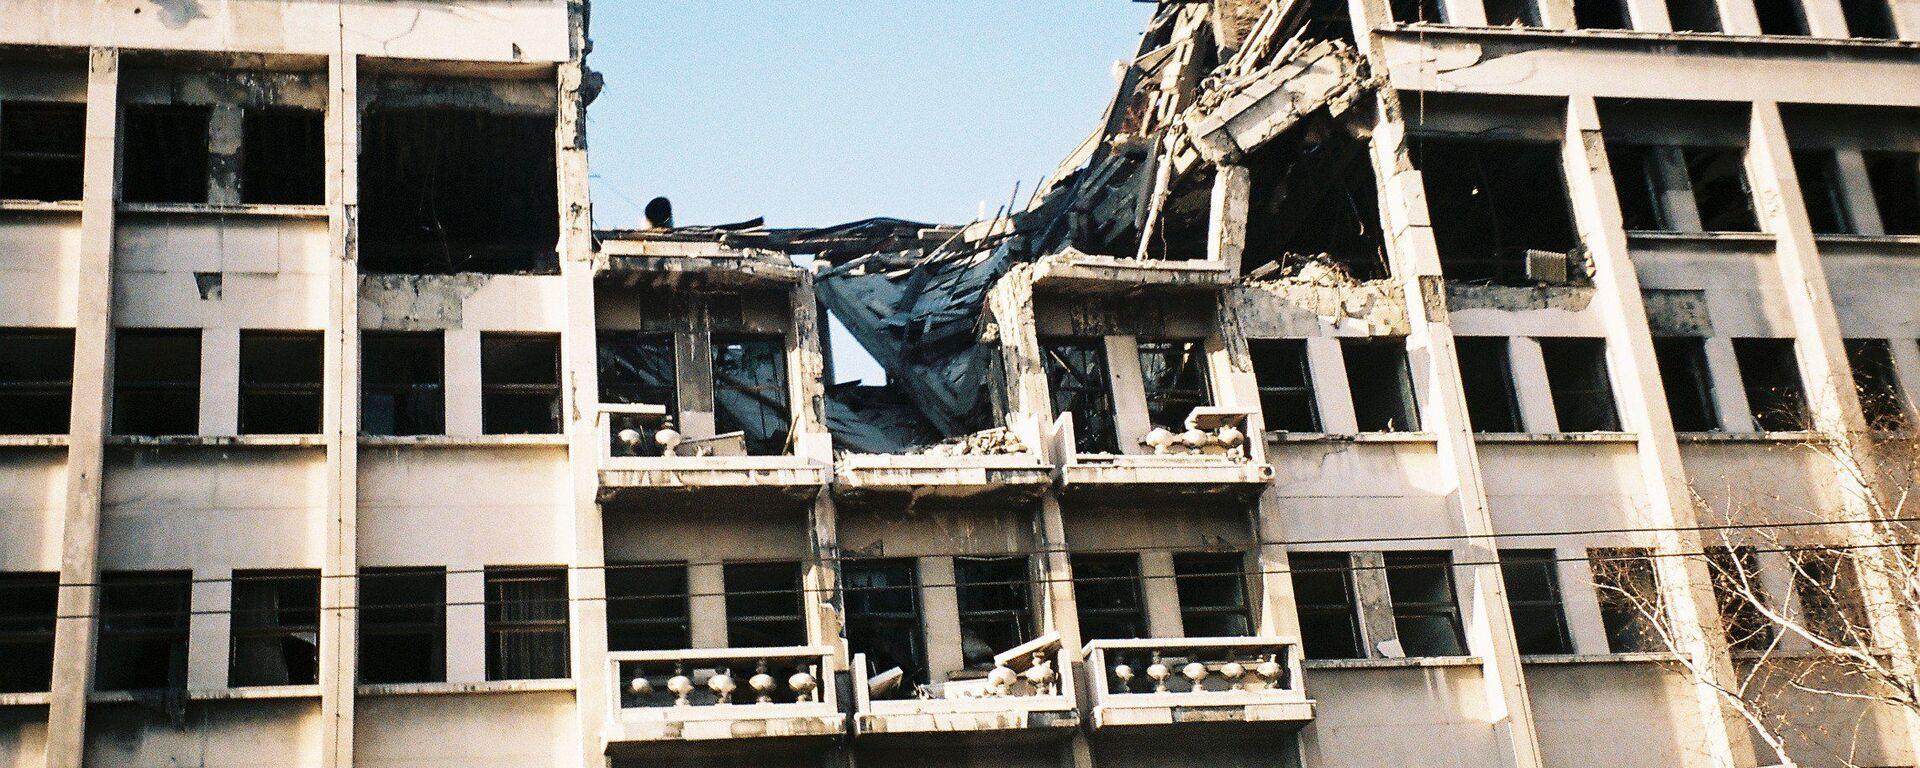 Zničená budova v Bělehradu po bombardování NATO - Sputnik Česká republika, 1920, 20.05.2021